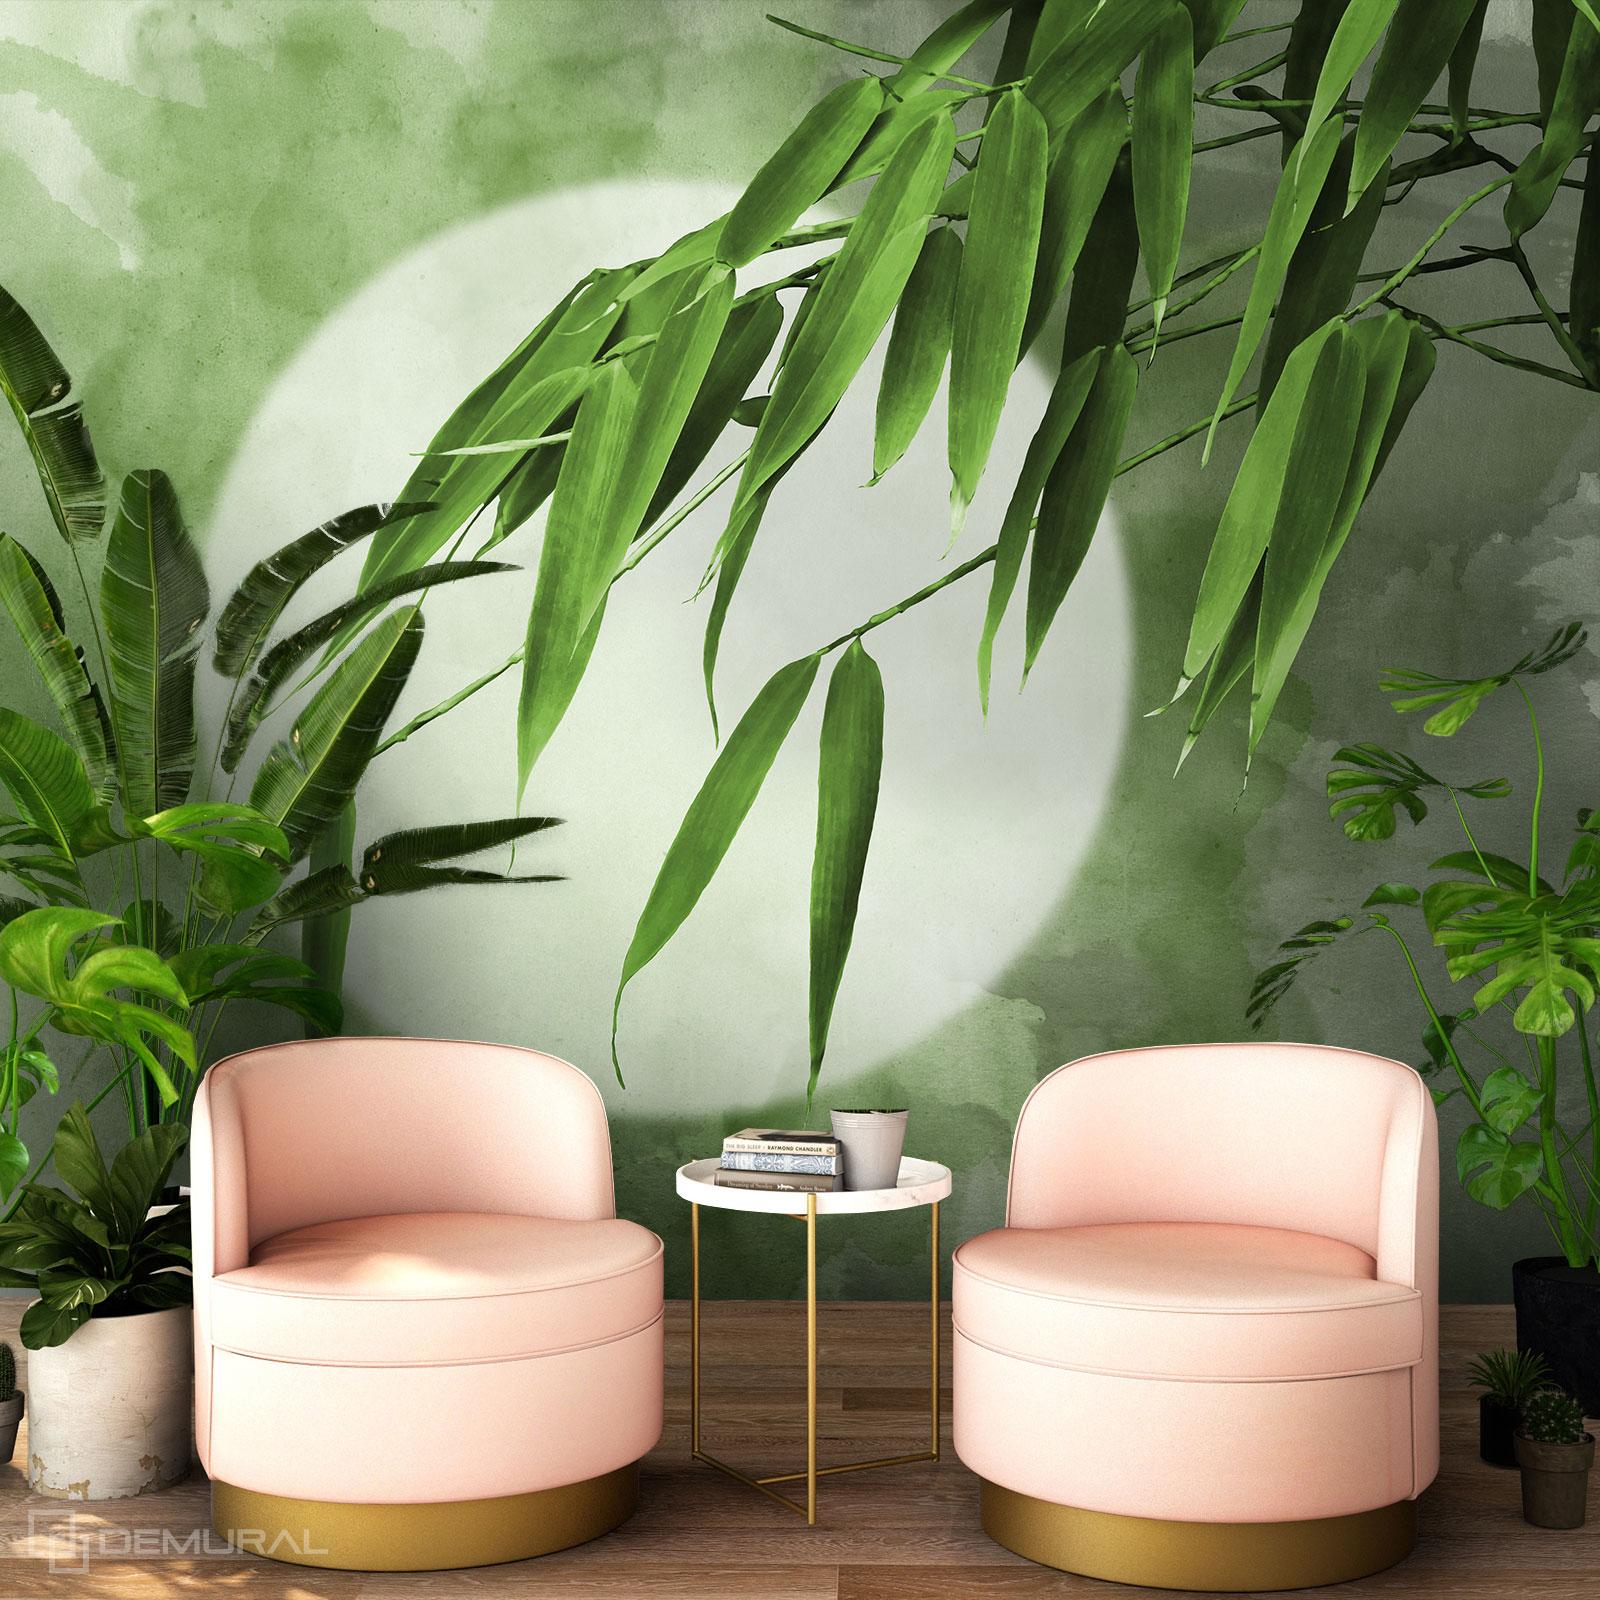 Papier peint Sous les feuilles de bambou - Papier peint bambou - Demural